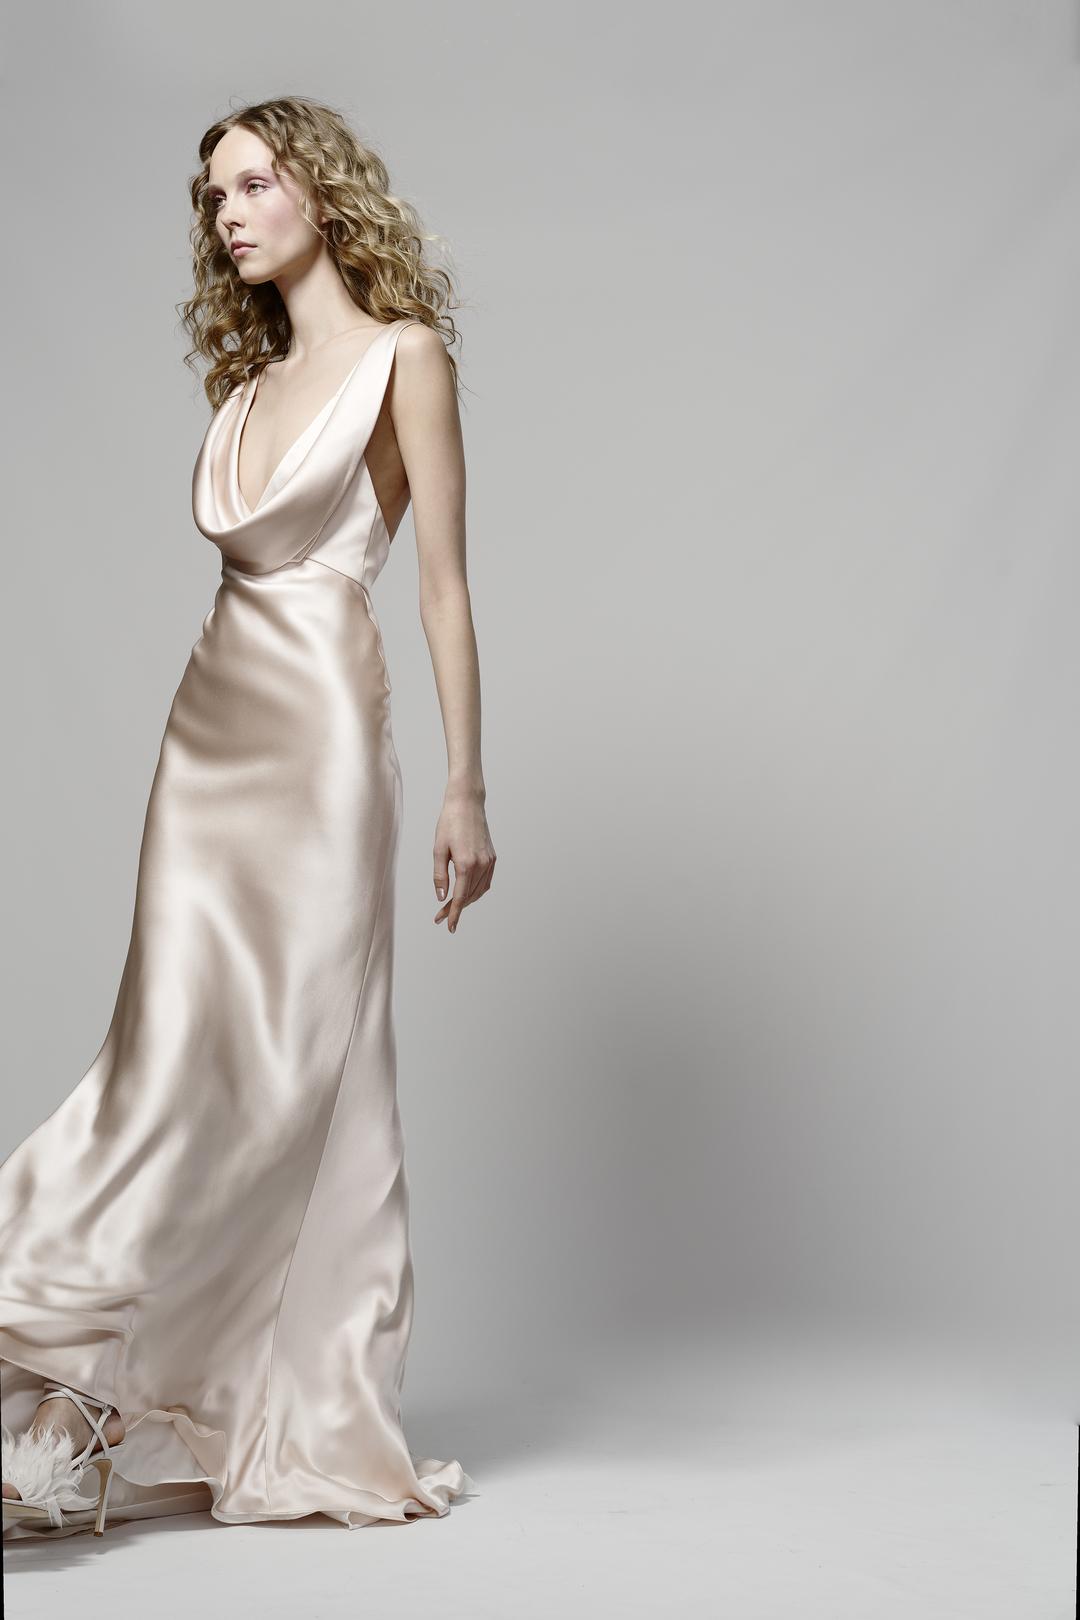 phoebe dress photo